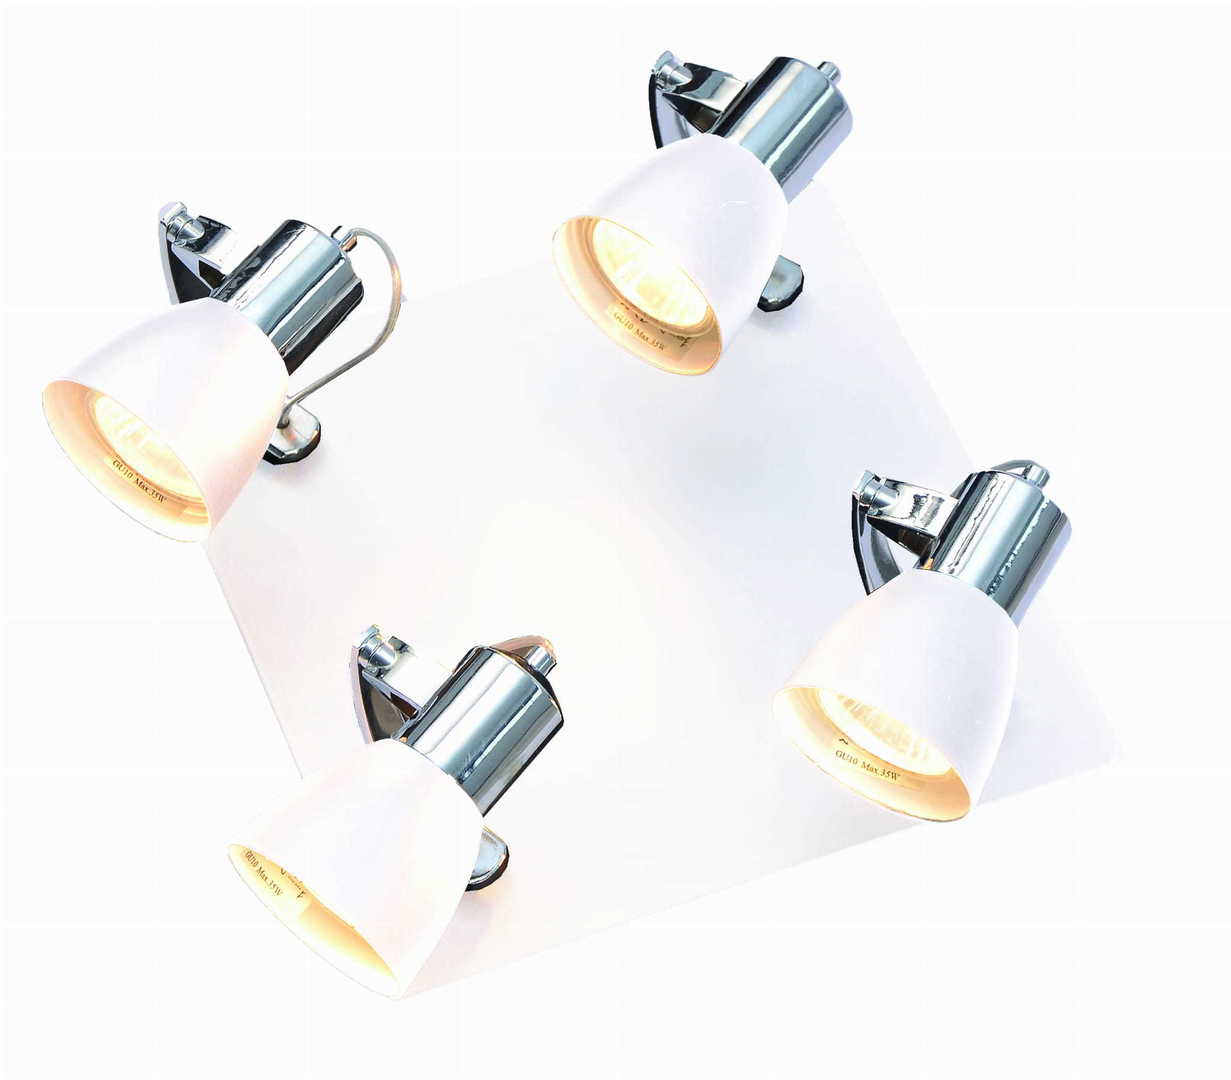 Ravenna 4 bílé stropní svítidlo